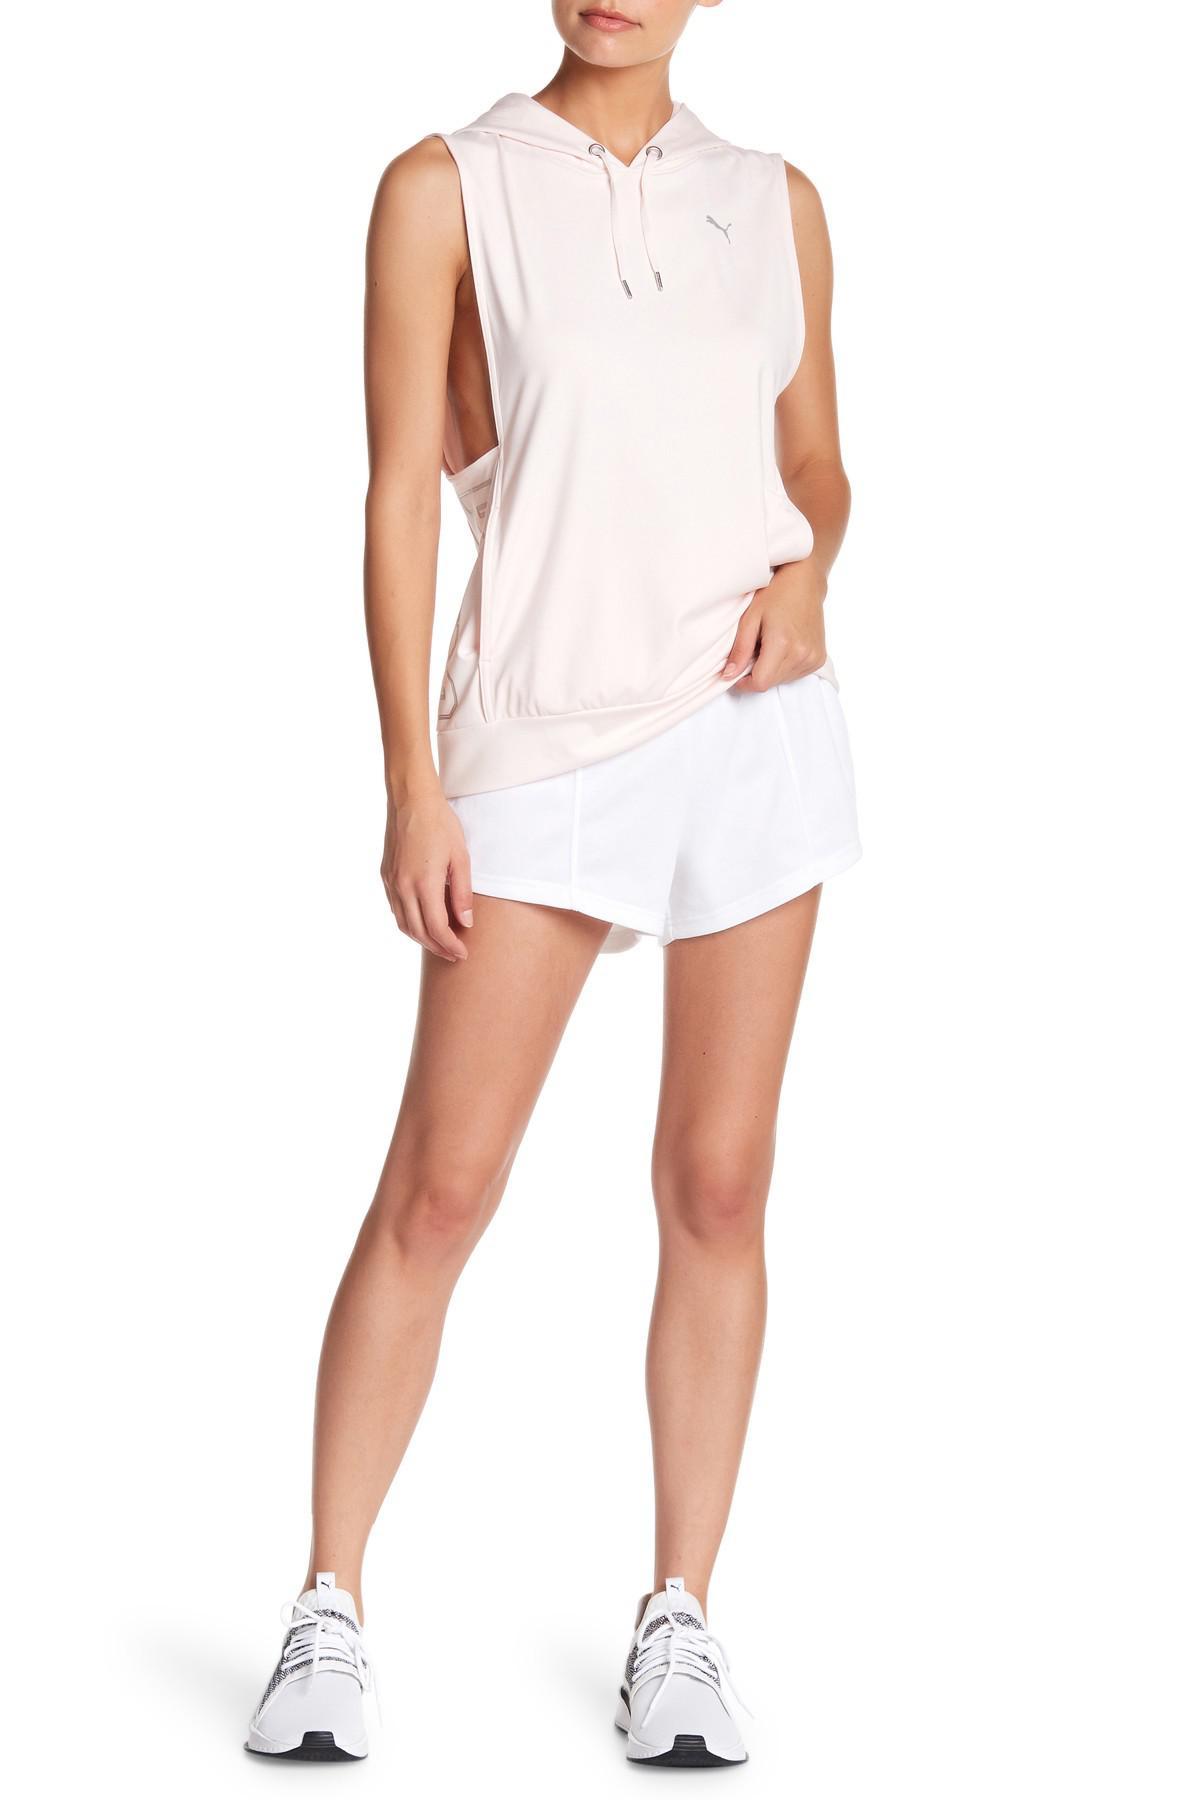 238a1d23dc4d Lyst - PUMA Fusion Logo Waistband Shorts in White